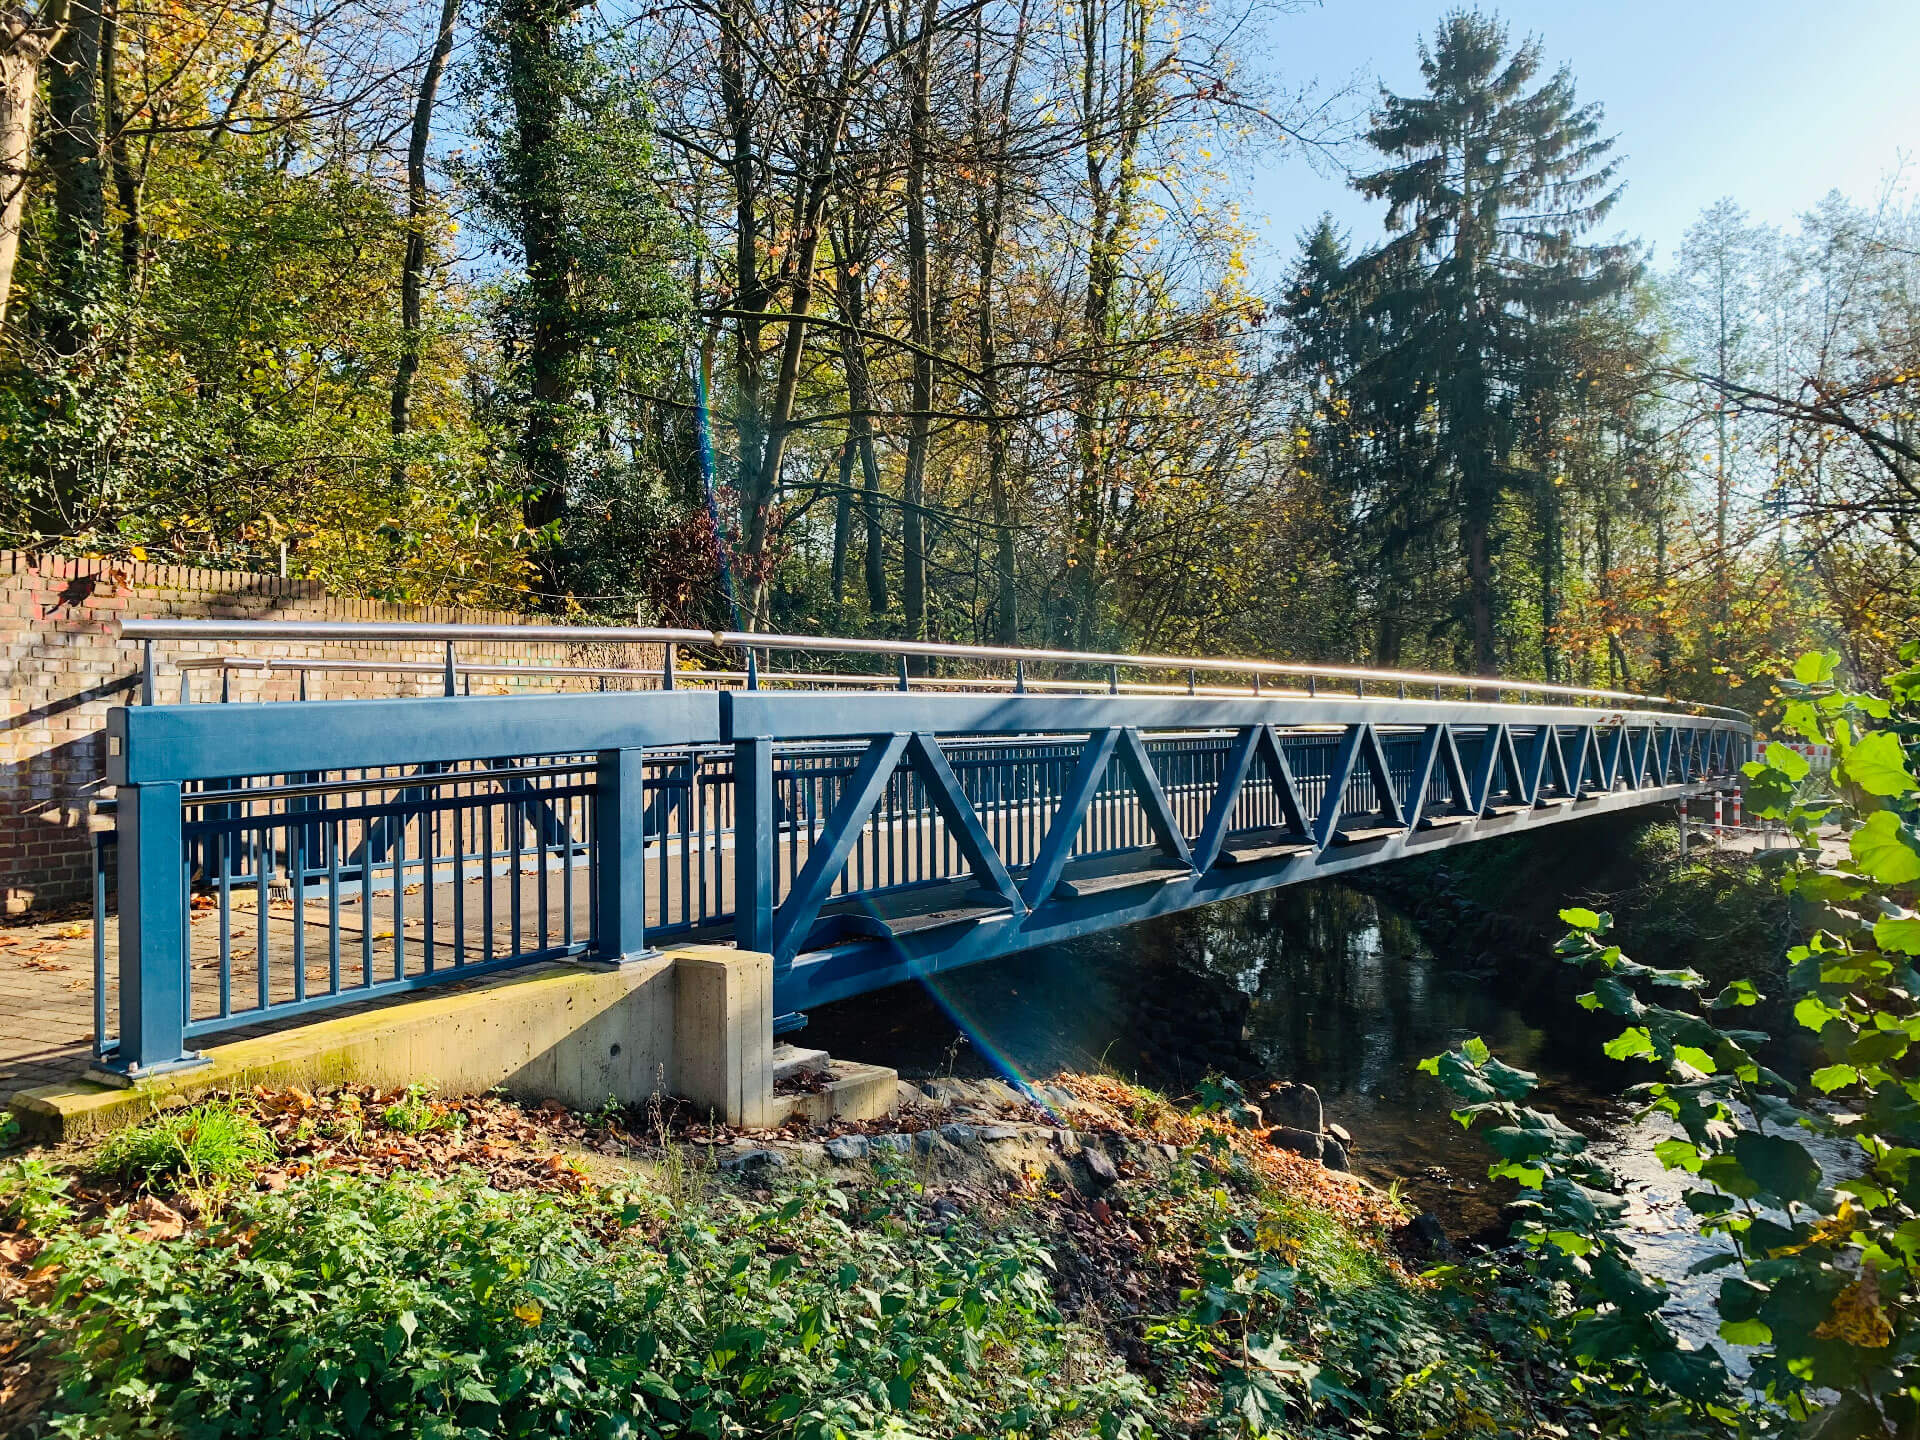 Fuß- und Radwegbrücke Erkrath - Stahlbauarbeiten